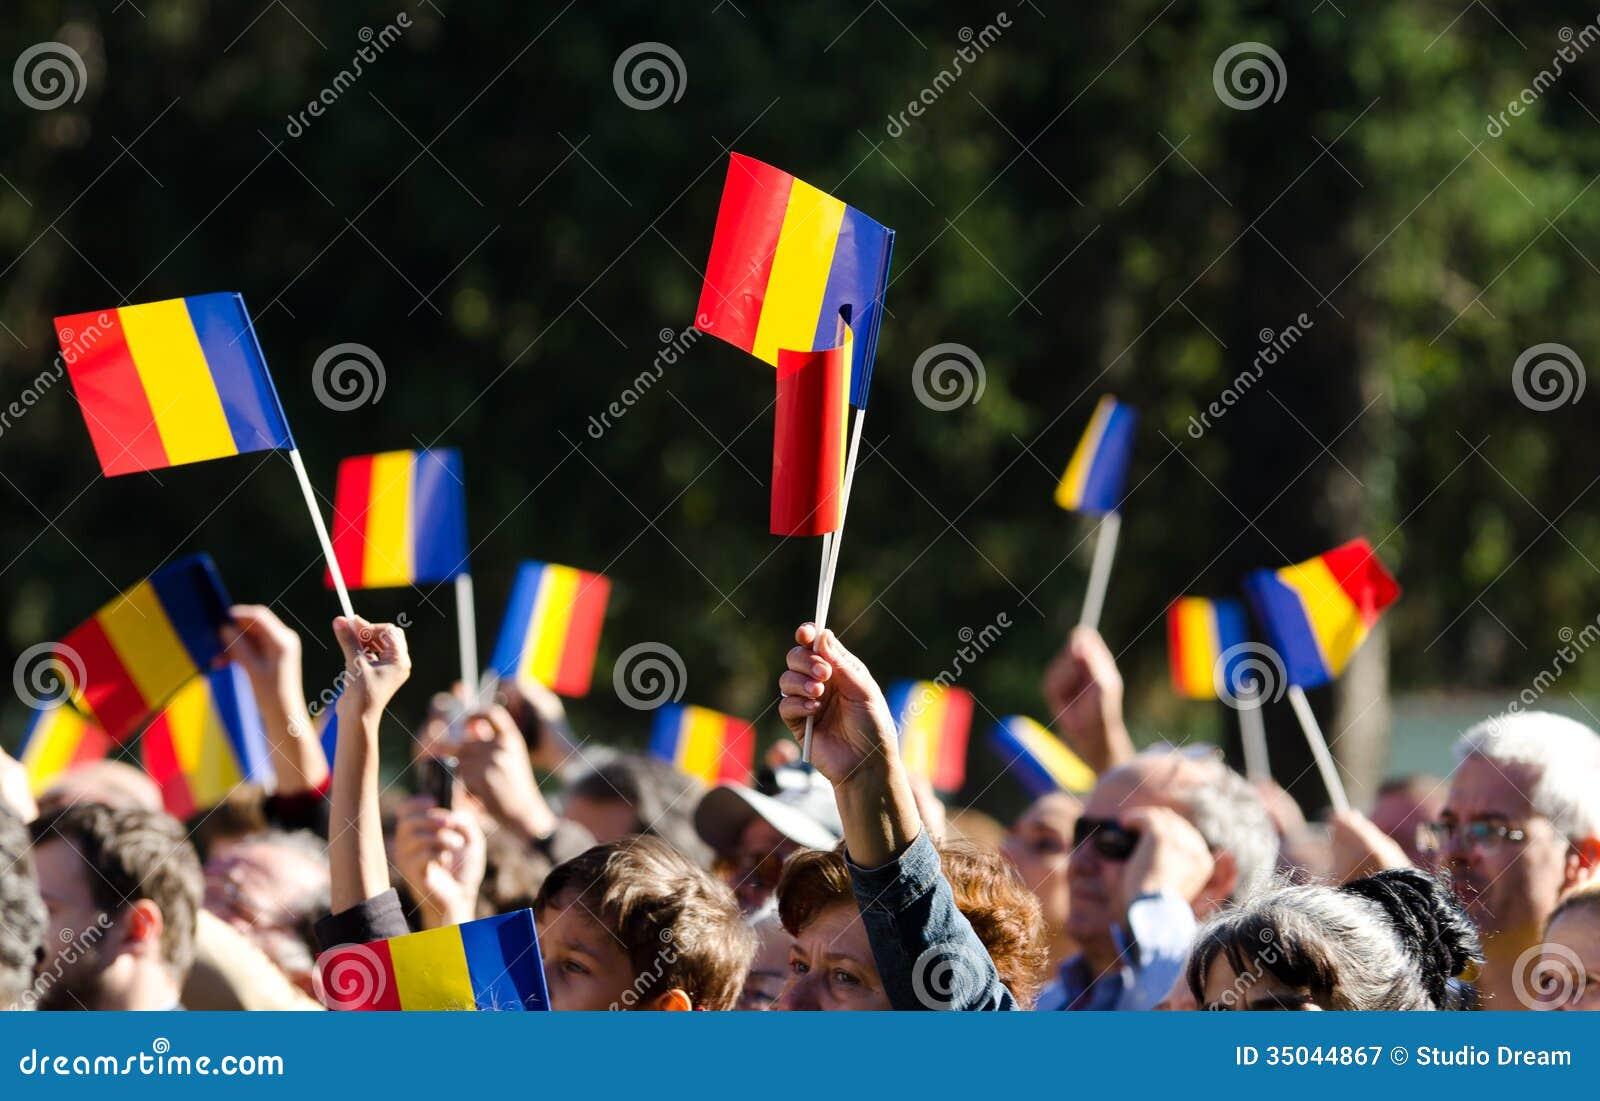 Roemeense menigte golvende vlaggen